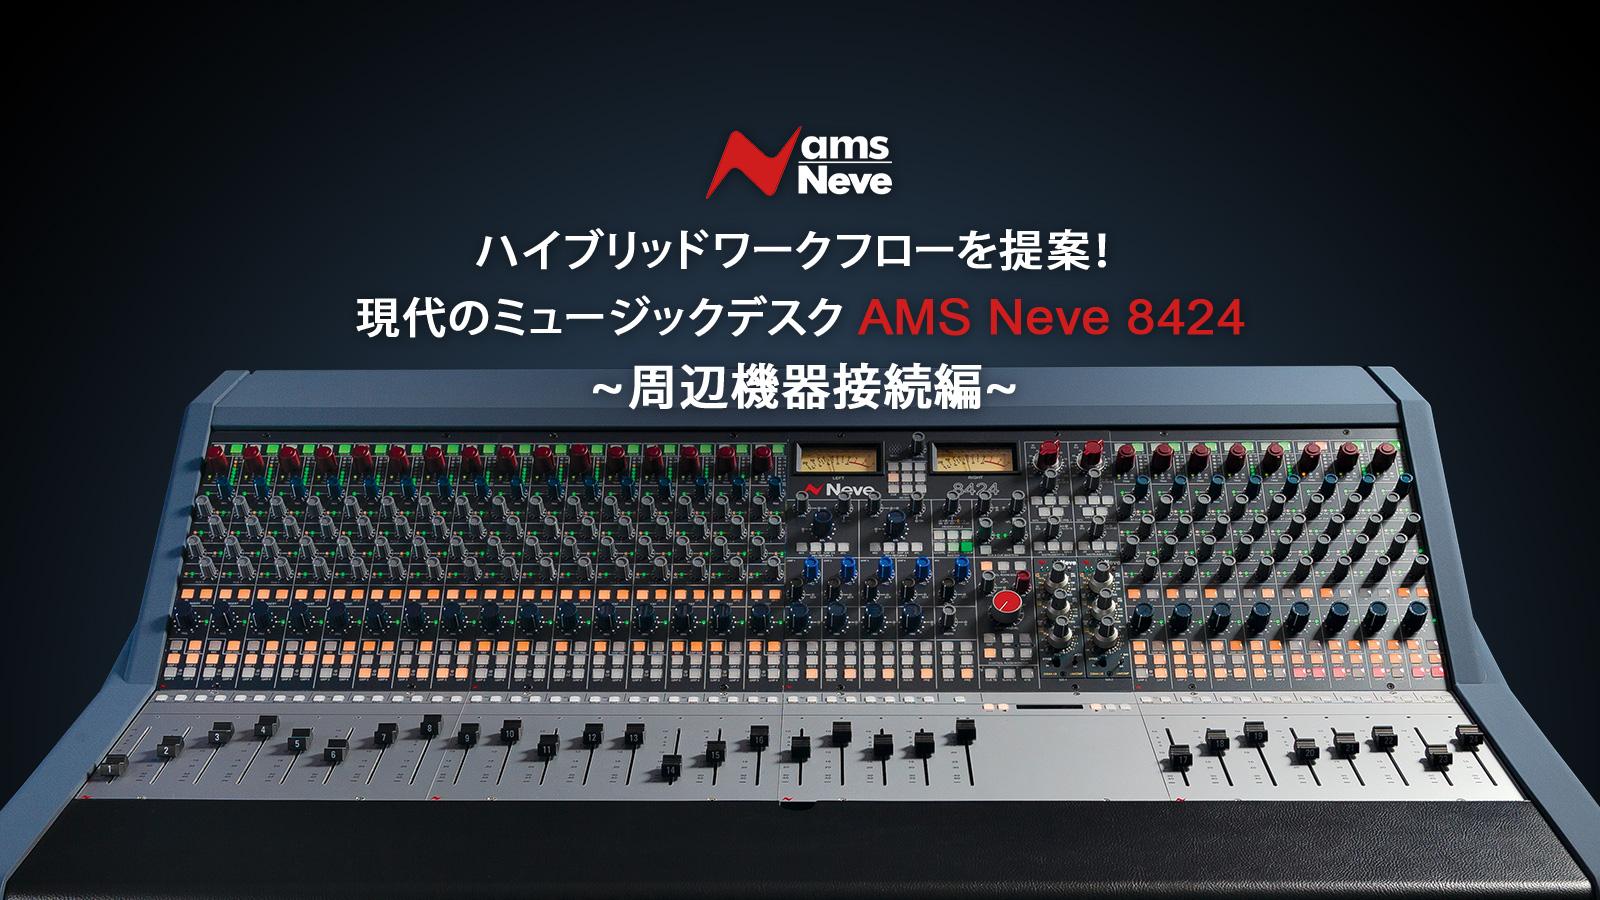 ハイブリッドワークフローを提案! 現代のミュージックデスク AMS Neve 8424 ~周辺機器接続編~